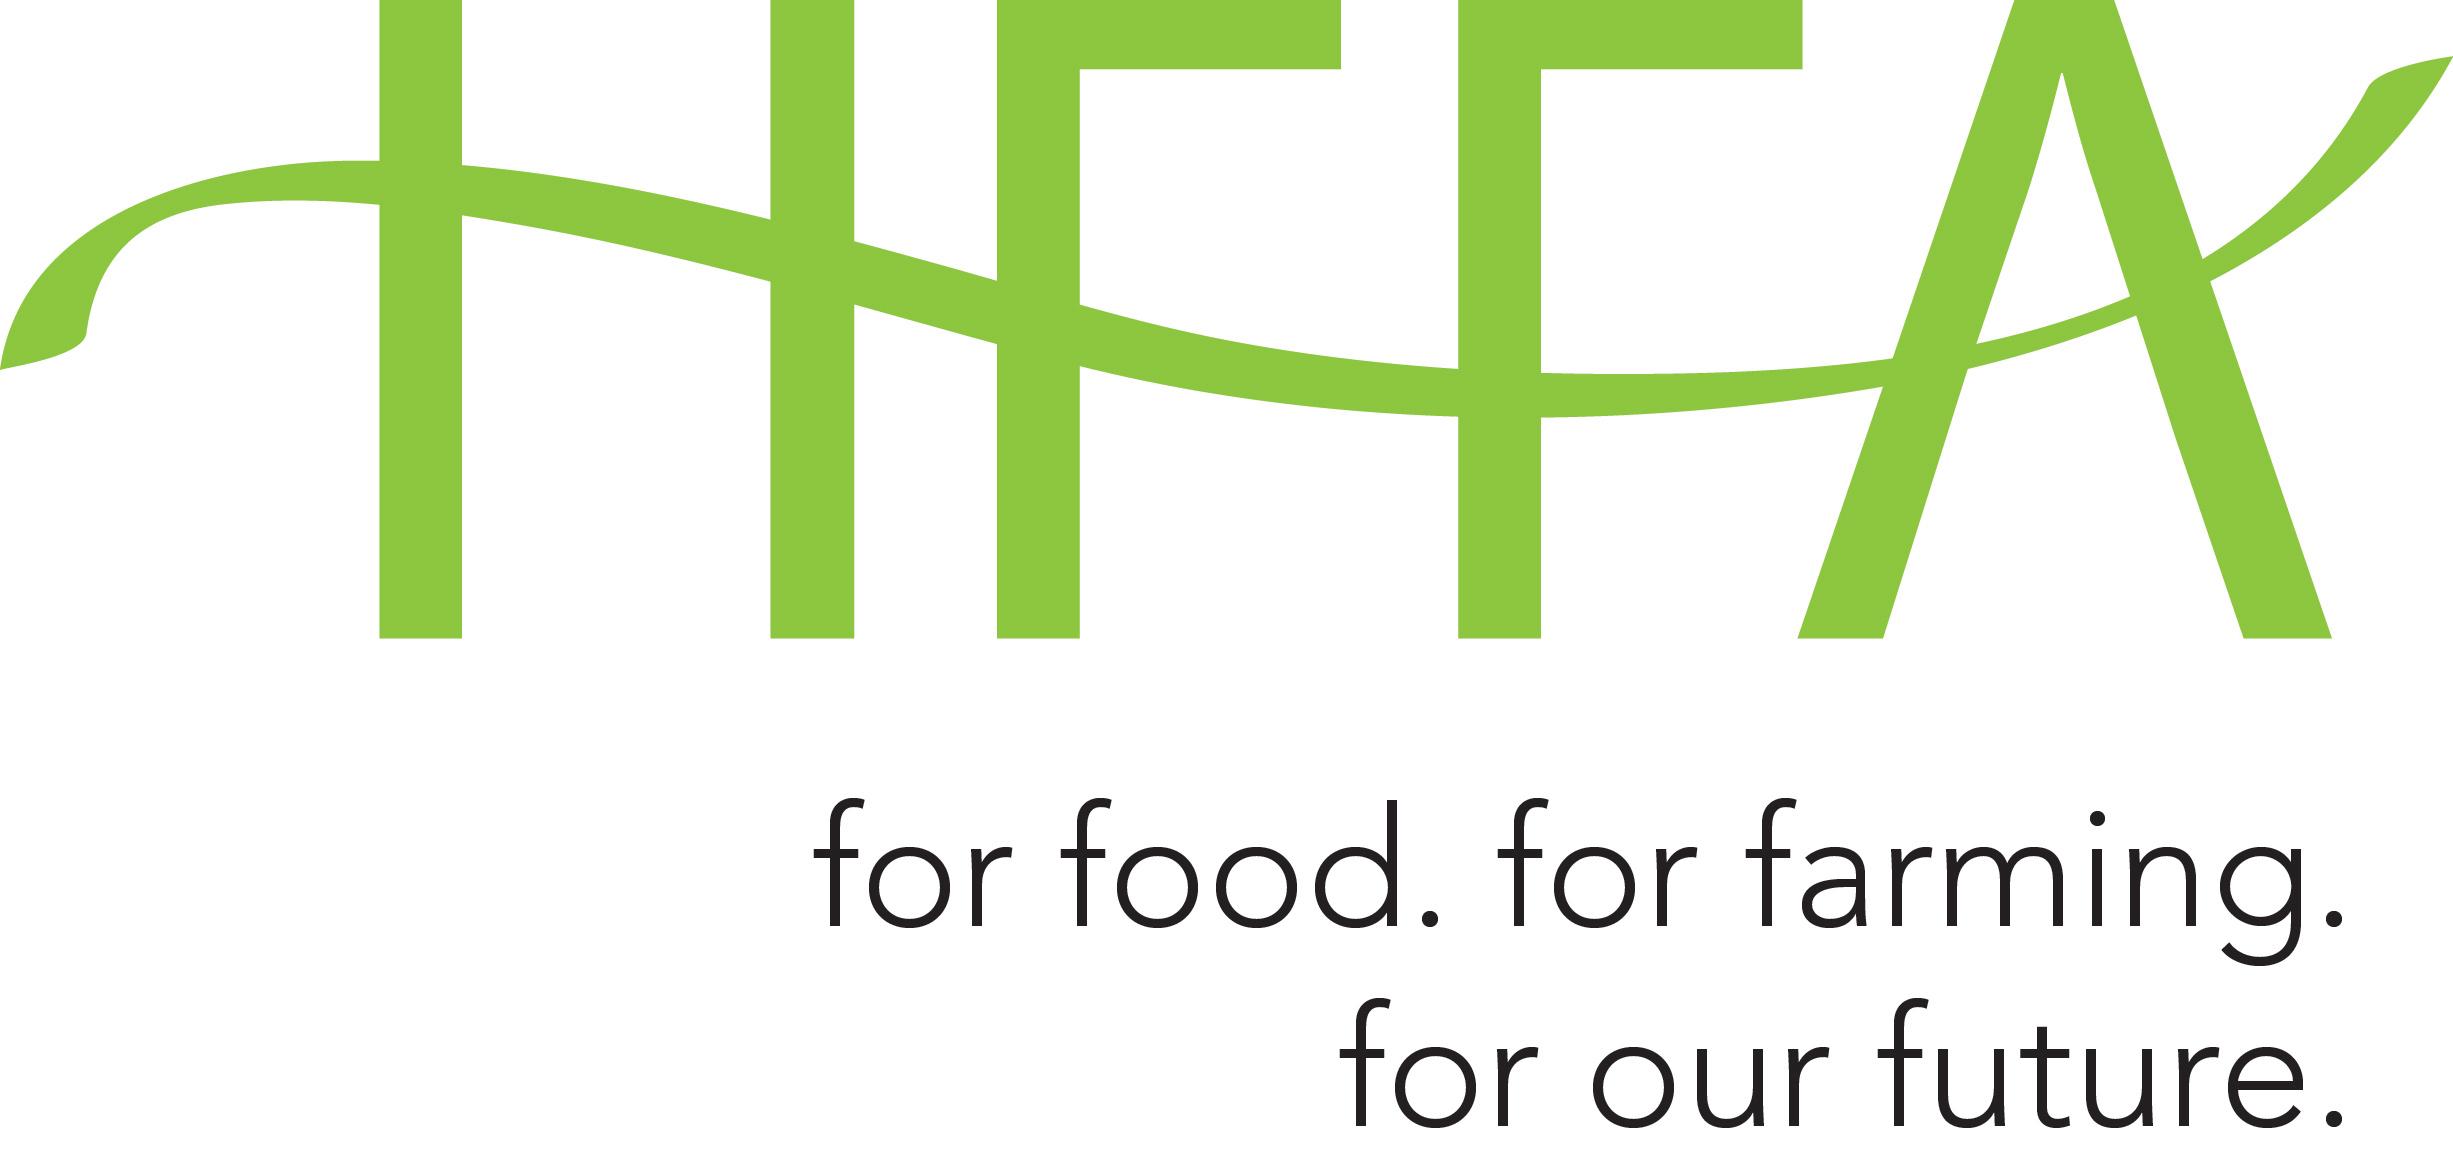 HFFA_green_tagline_web